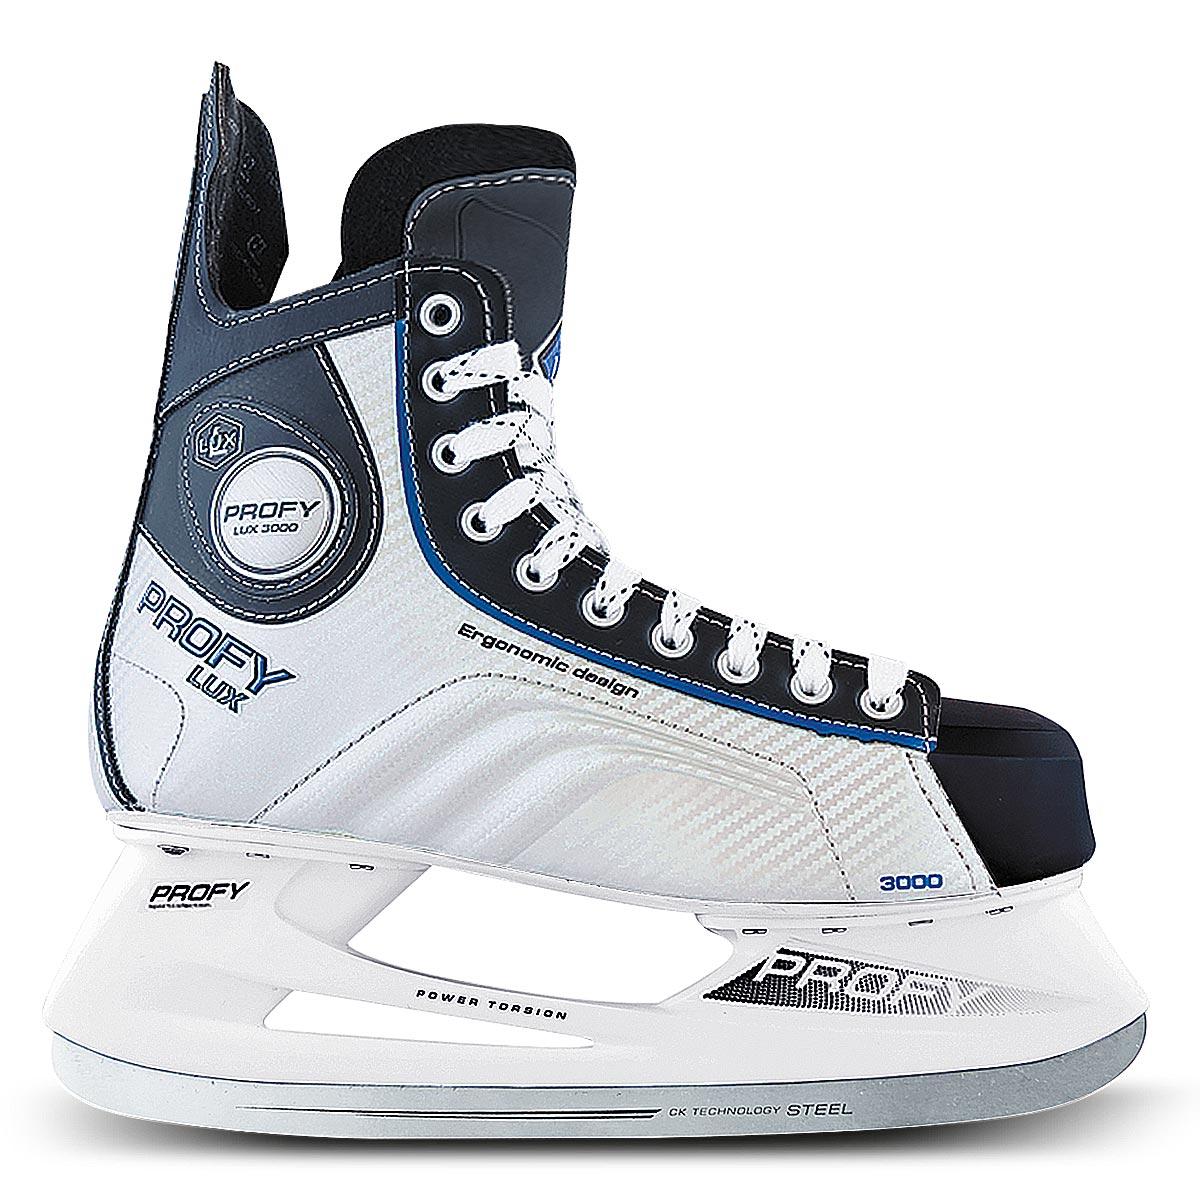 Коньки хоккейные мужские СК Profy Lux 3000, цвет: черный, серебряный, синий. Размер 40Atemi Force 3.0 2012 Black-GrayКоньки хоккейные мужские СК Profy Lux 3000 прекрасно подойдут для профессиональных игроков в хоккей. Ботинок выполнен из морозоустойчивой искусственной кожи и специального резистентного ПВХ, а язычок - из двухслойного войлока и искусственной кожи. Слоевая композитная технология позволила изготовить ботинок, полностью обволакивающий ногу. Это обеспечивает прочную и удобную фиксацию ноги, повышает защиту от ударов. Ботинок изготовлен с учетом антропометрии стоп россиян, что обеспечивает комфорт и устойчивость ноги, правильное распределение нагрузки, сильно снижает травмоопасность. Конструкция носка ботинка, изготовленного из ударопрочного энергопоглощающего термопластичного полиуретана Hytrel® (DuPont), обеспечивает увеличенную надежность защиты передней части ступни от ударов. Усиленные боковины ботинка из формованного PVC укрепляют боковую часть ботинка и дополнительно защищают ступню от ударов за счет поглощения энергии. Тип застежки ботинок – классическая шнуровка. Стелька из упругого пенного полимерного материала EVA гарантирует комфортное положение ноги в ботинке, обеспечивает быструю адаптацию ботинка к индивидуальным формам ноги, не теряет упругости при изменении температуры и не разрушается от воздействия пота и влаги. Легкая прочная низкопрофильная полимерная подошва инжекционного формования практически без потерь передает энергию от толчка ноги к лезвию – быстрее набор скорости, резче повороты и остановки, острее чувство льда. Лезвие из нержавеющей стали 420J обеспечит превосходное скольжение.